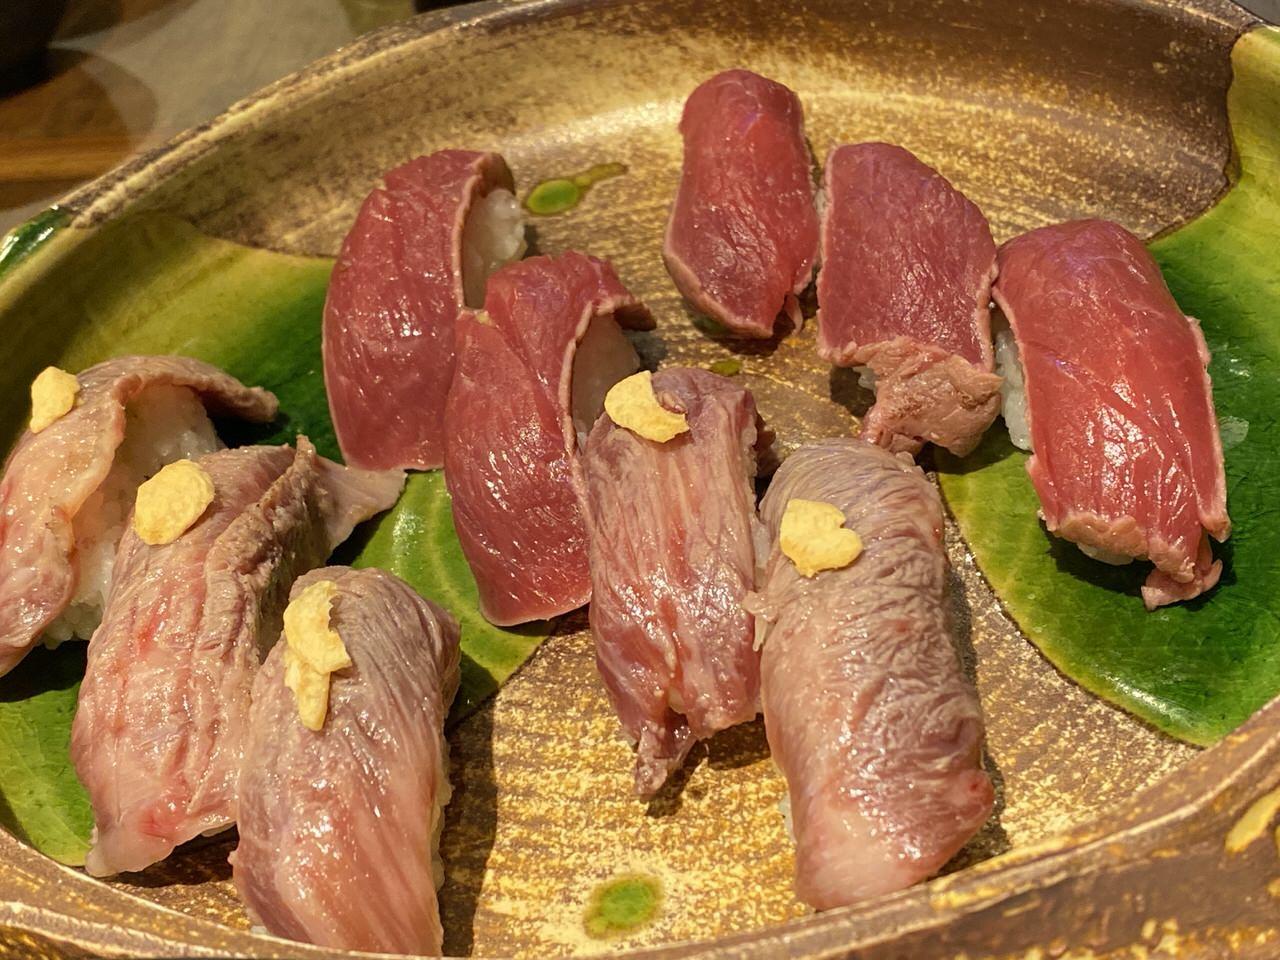 「秋葉原 肉寿司」23